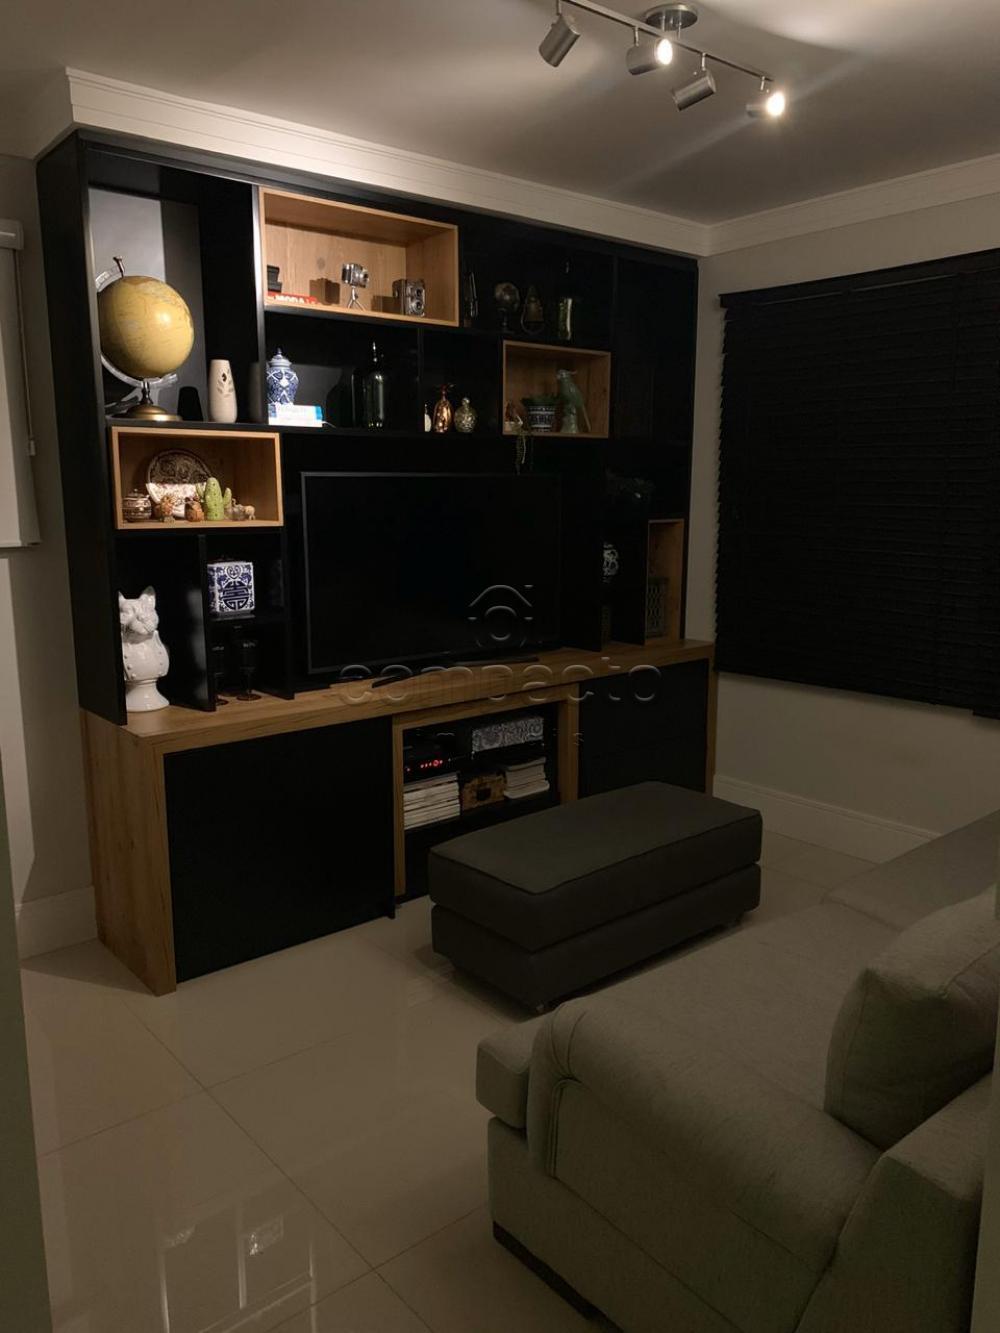 Alugar Apartamento / Padrão em São José do Rio Preto apenas R$ 4.000,00 - Foto 7